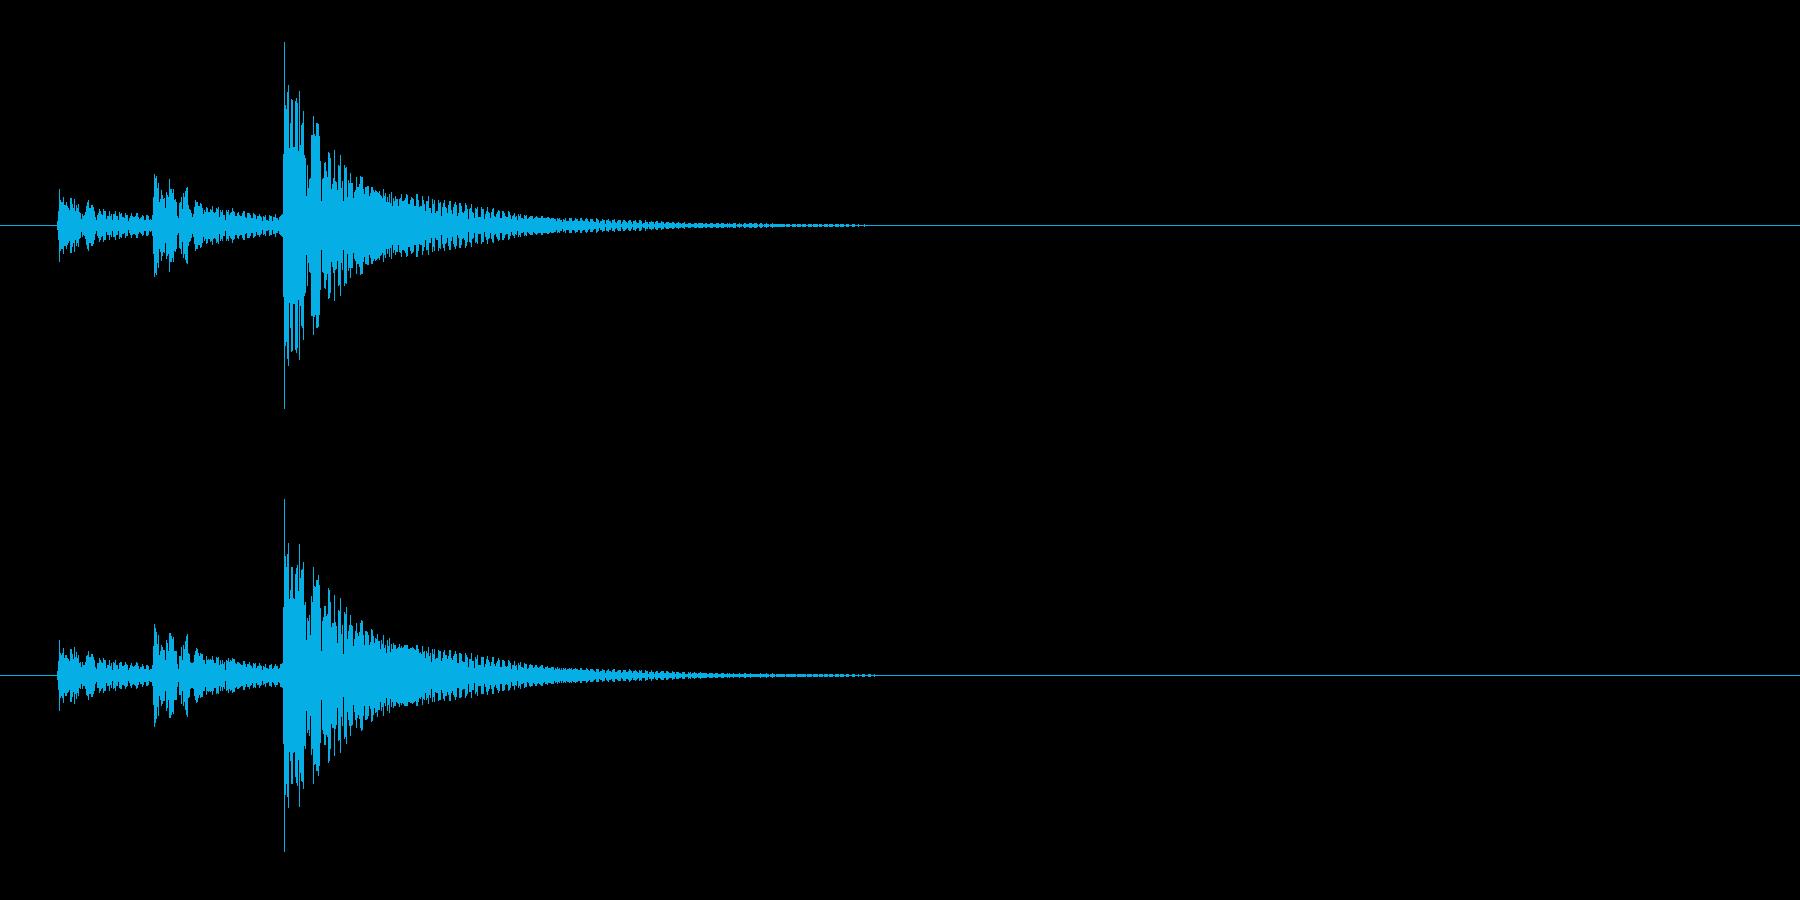 和太鼓の締太鼓の単発音の再生済みの波形